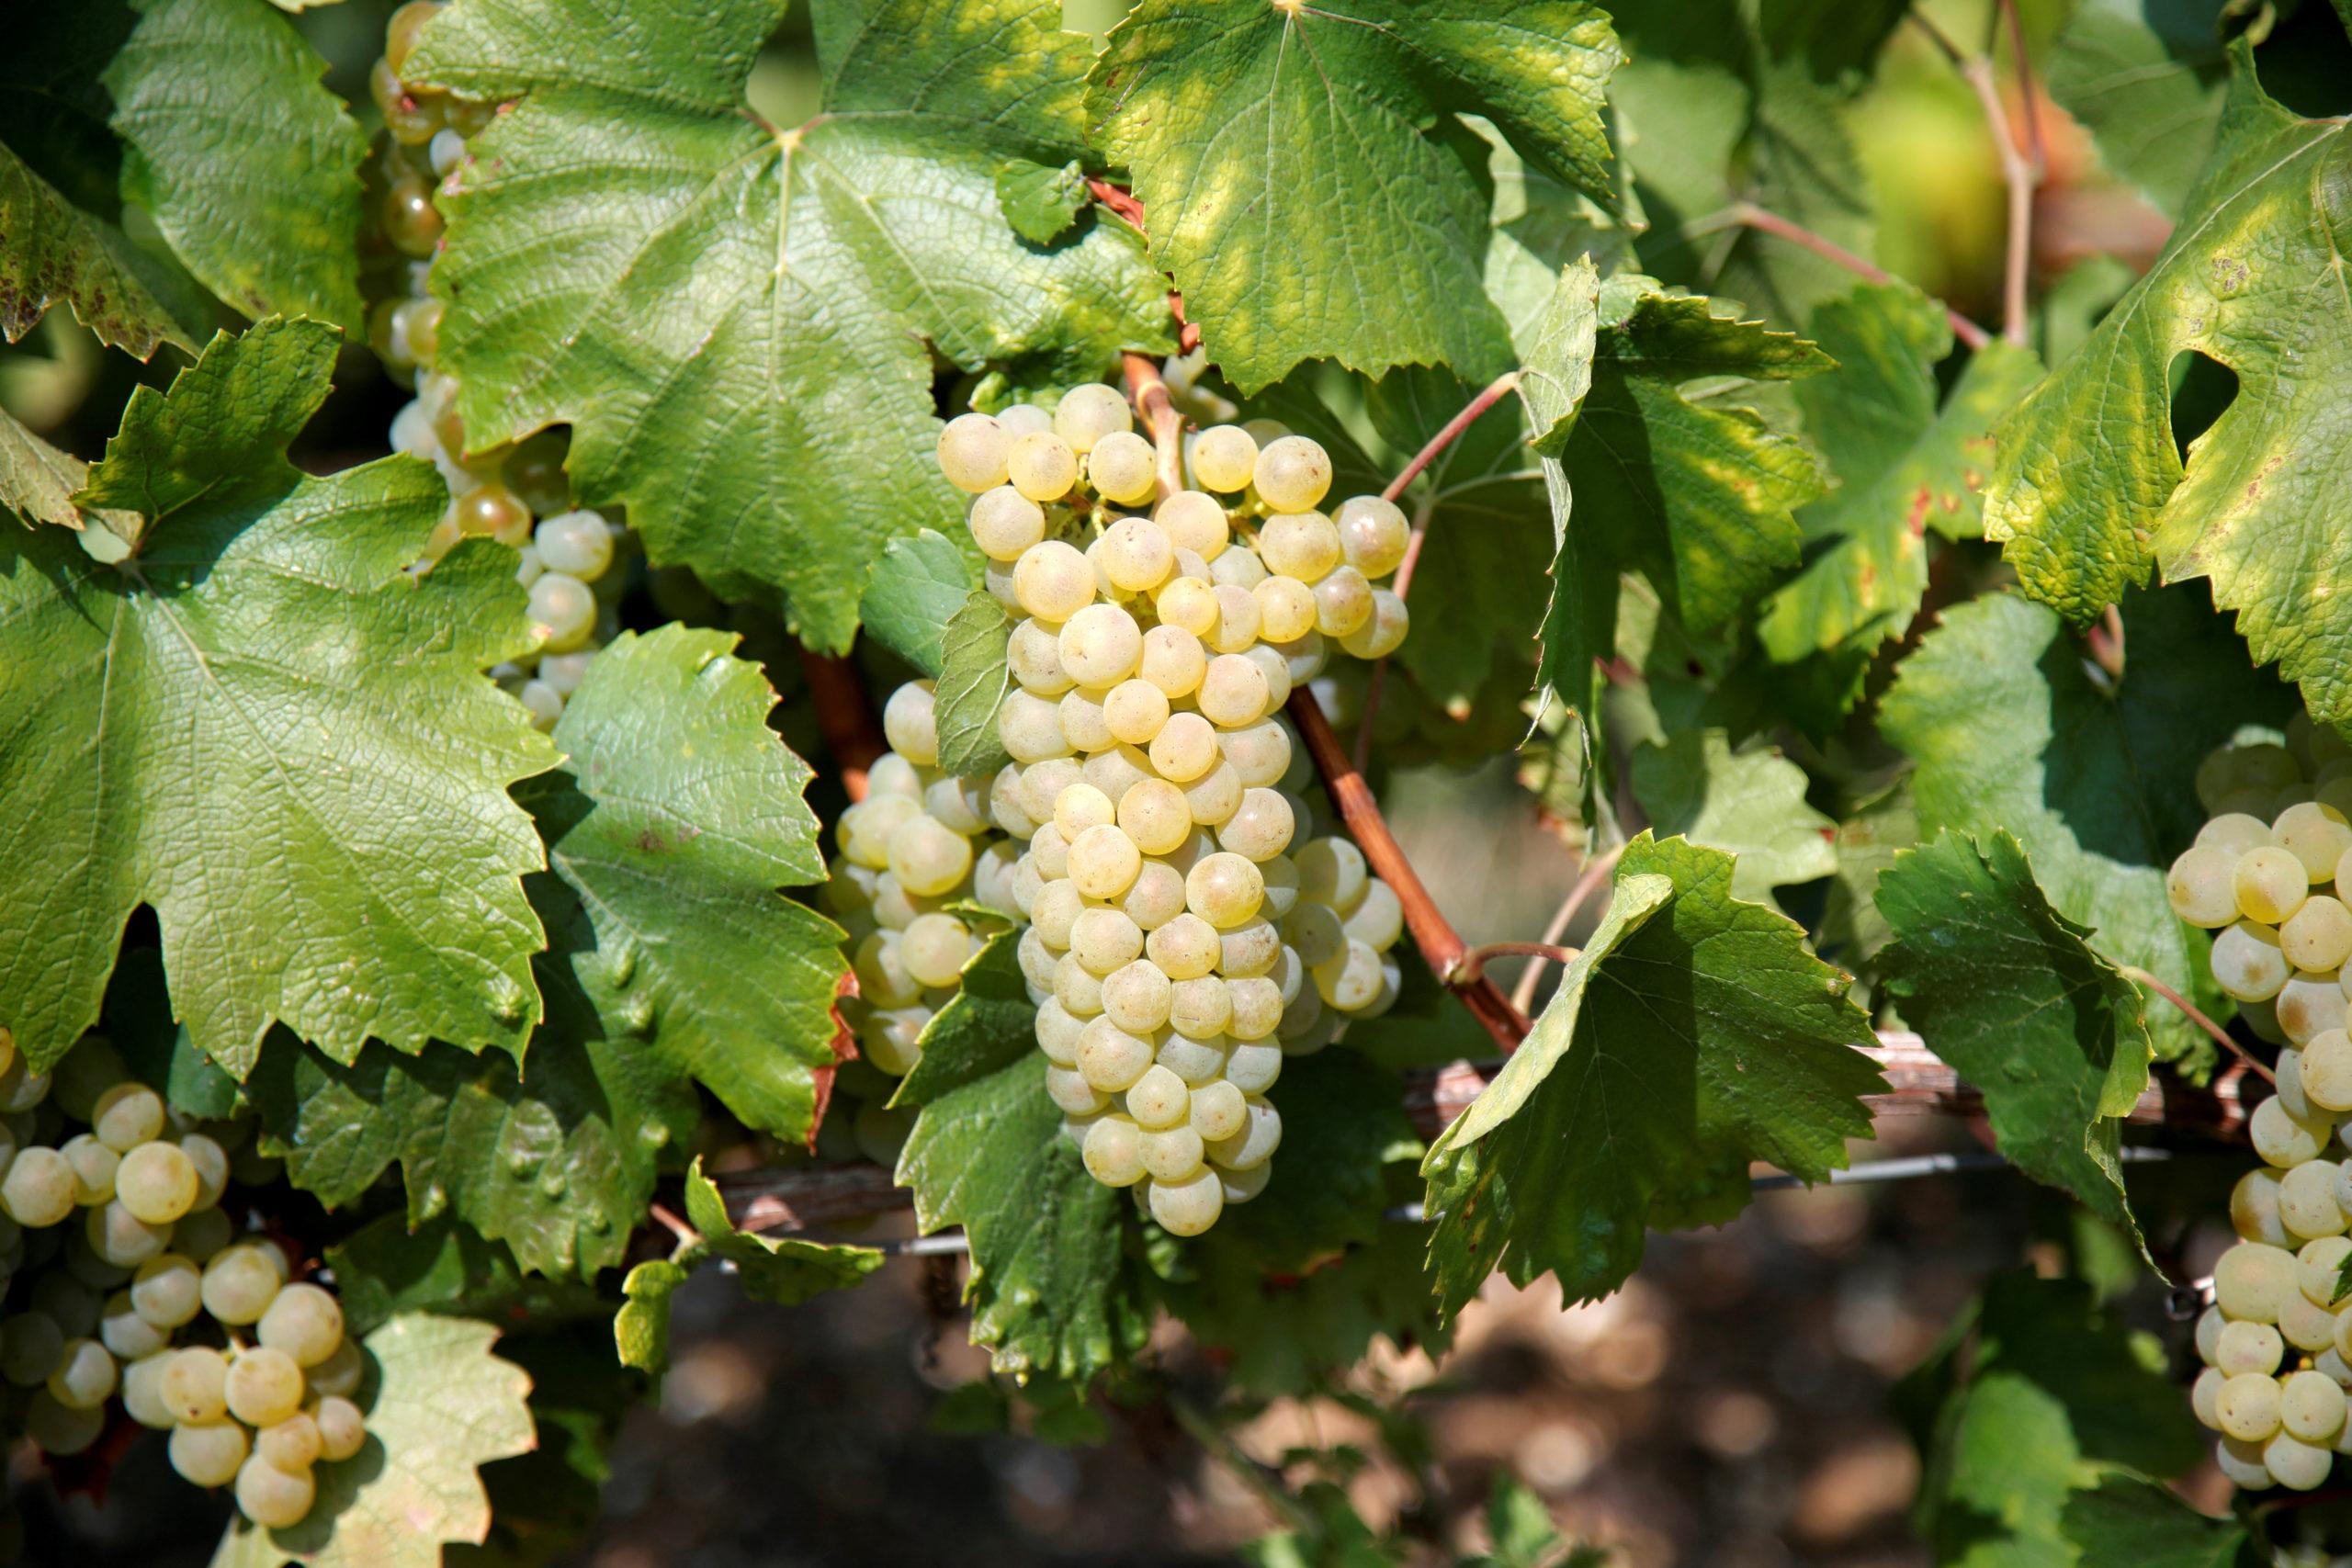 France: L'aide à la filière viticole portée à 250 millions d'euros